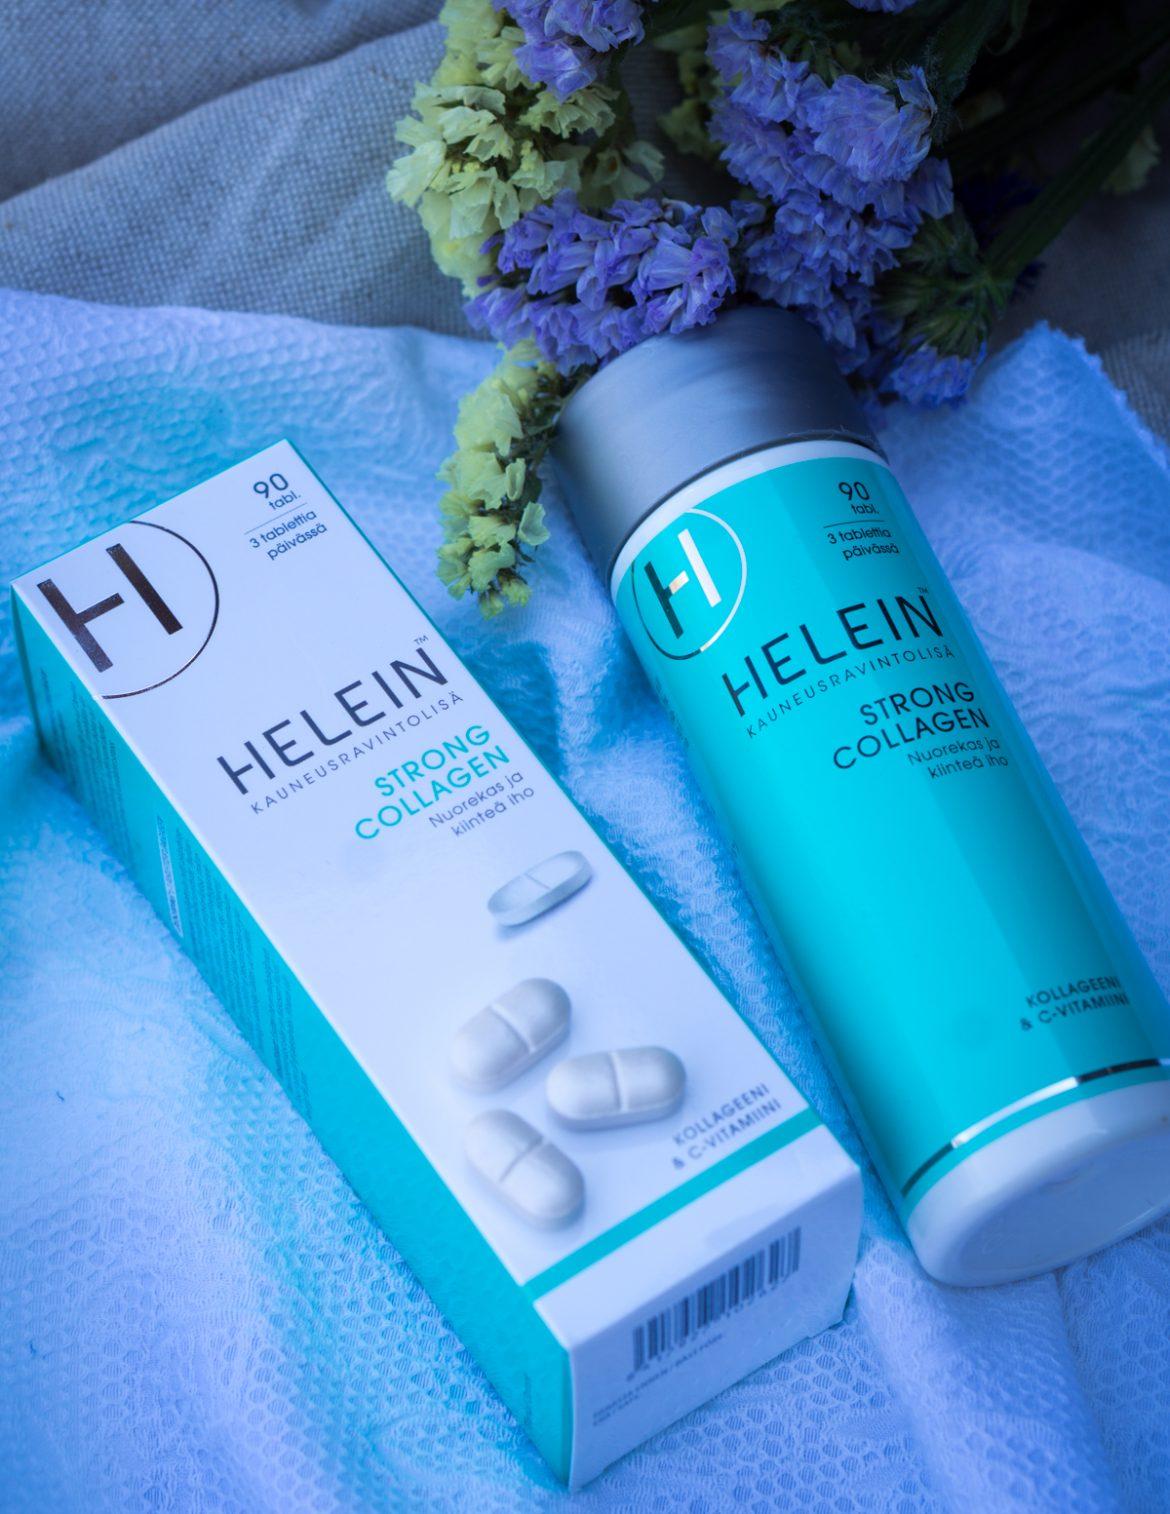 Helein Strong Collagen